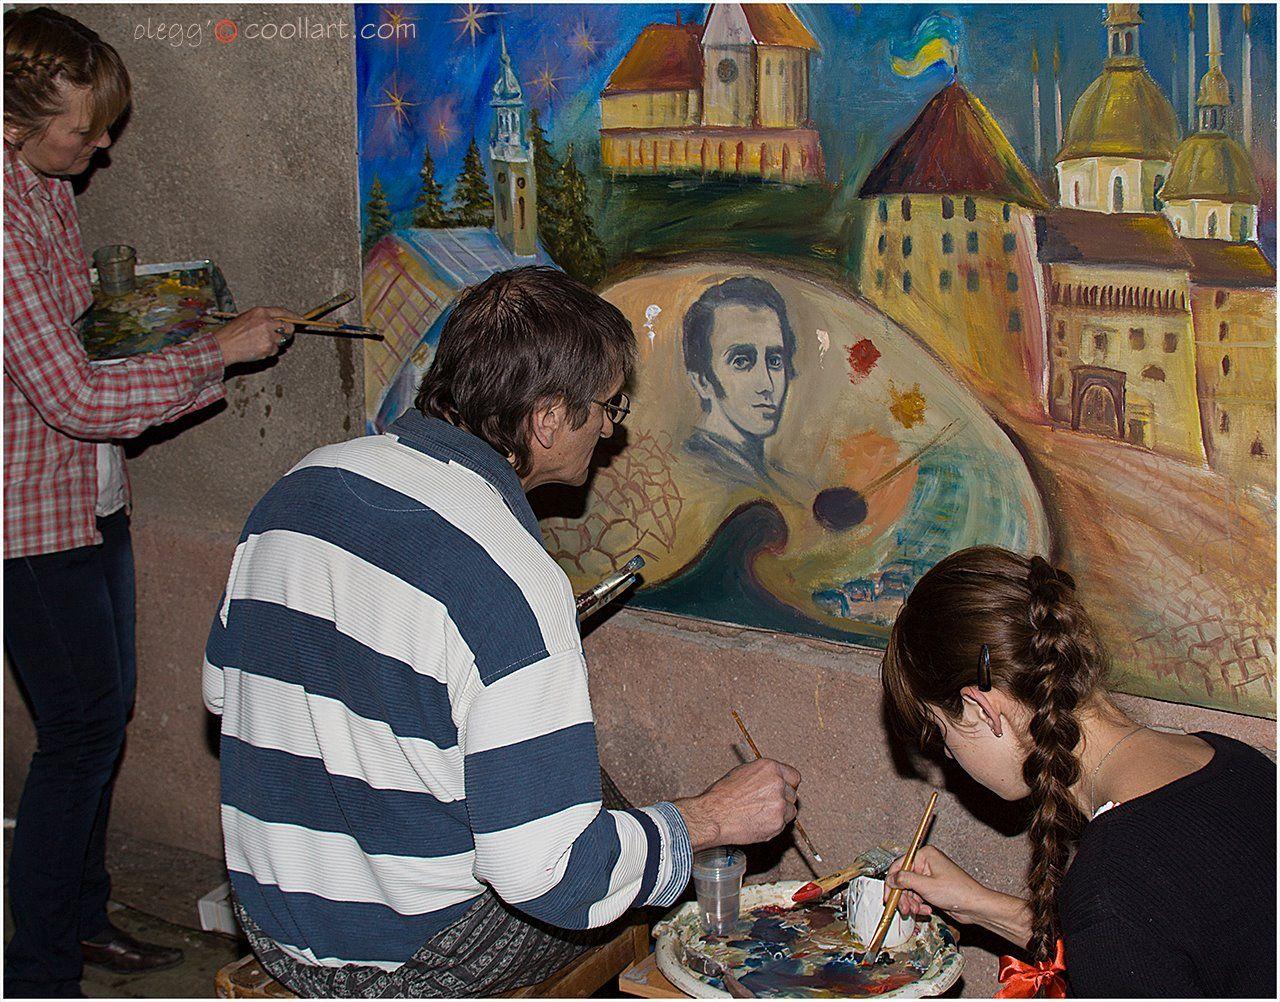 Як відомо, колективна творчість мас здатна творити дива. Згадаймо, наприклад, Кукриніксів, Бойля-Маріотта чи монументальну секцію Спілки художників СРСР… Бережанські художники пішли ще далі – дозволили брати участь у створенні наміченого твору всім охочим, без дискримінації за статевою, віковою та расовою ознакою. У результаті багато що довелося, все таки, виправляти і перемальовувати досвідченою рукою майстра. На фото: художник Неділько переробляє портрет Шевченка на аналогічне зображення лідера «Правого сектора» Дмитра Яроша, згідно із заздалегідь затвердженим ескізом